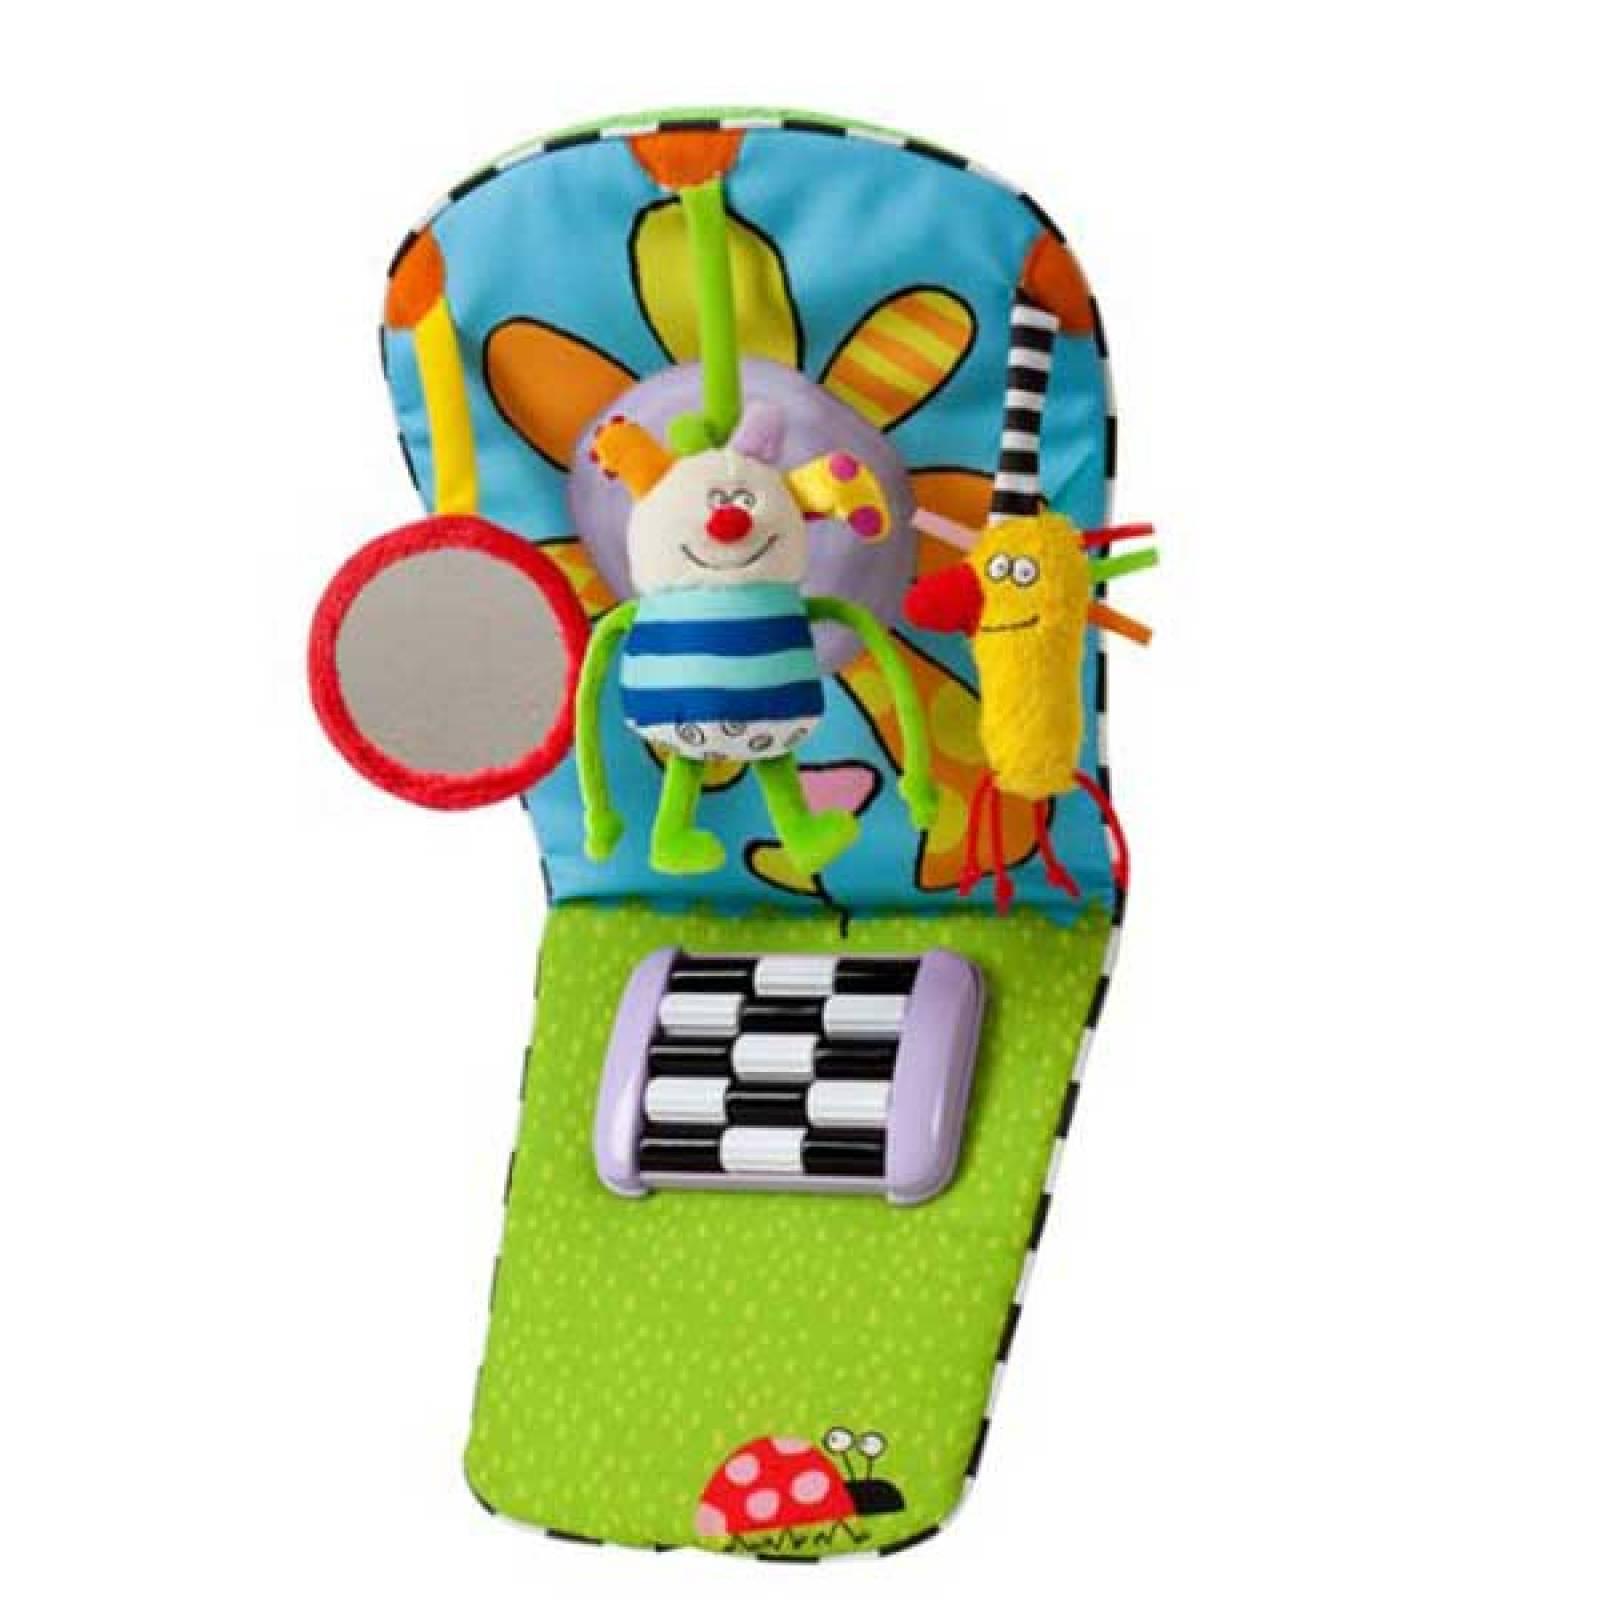 Fun Feet Kooky Car Toy By Taf Toys 0+